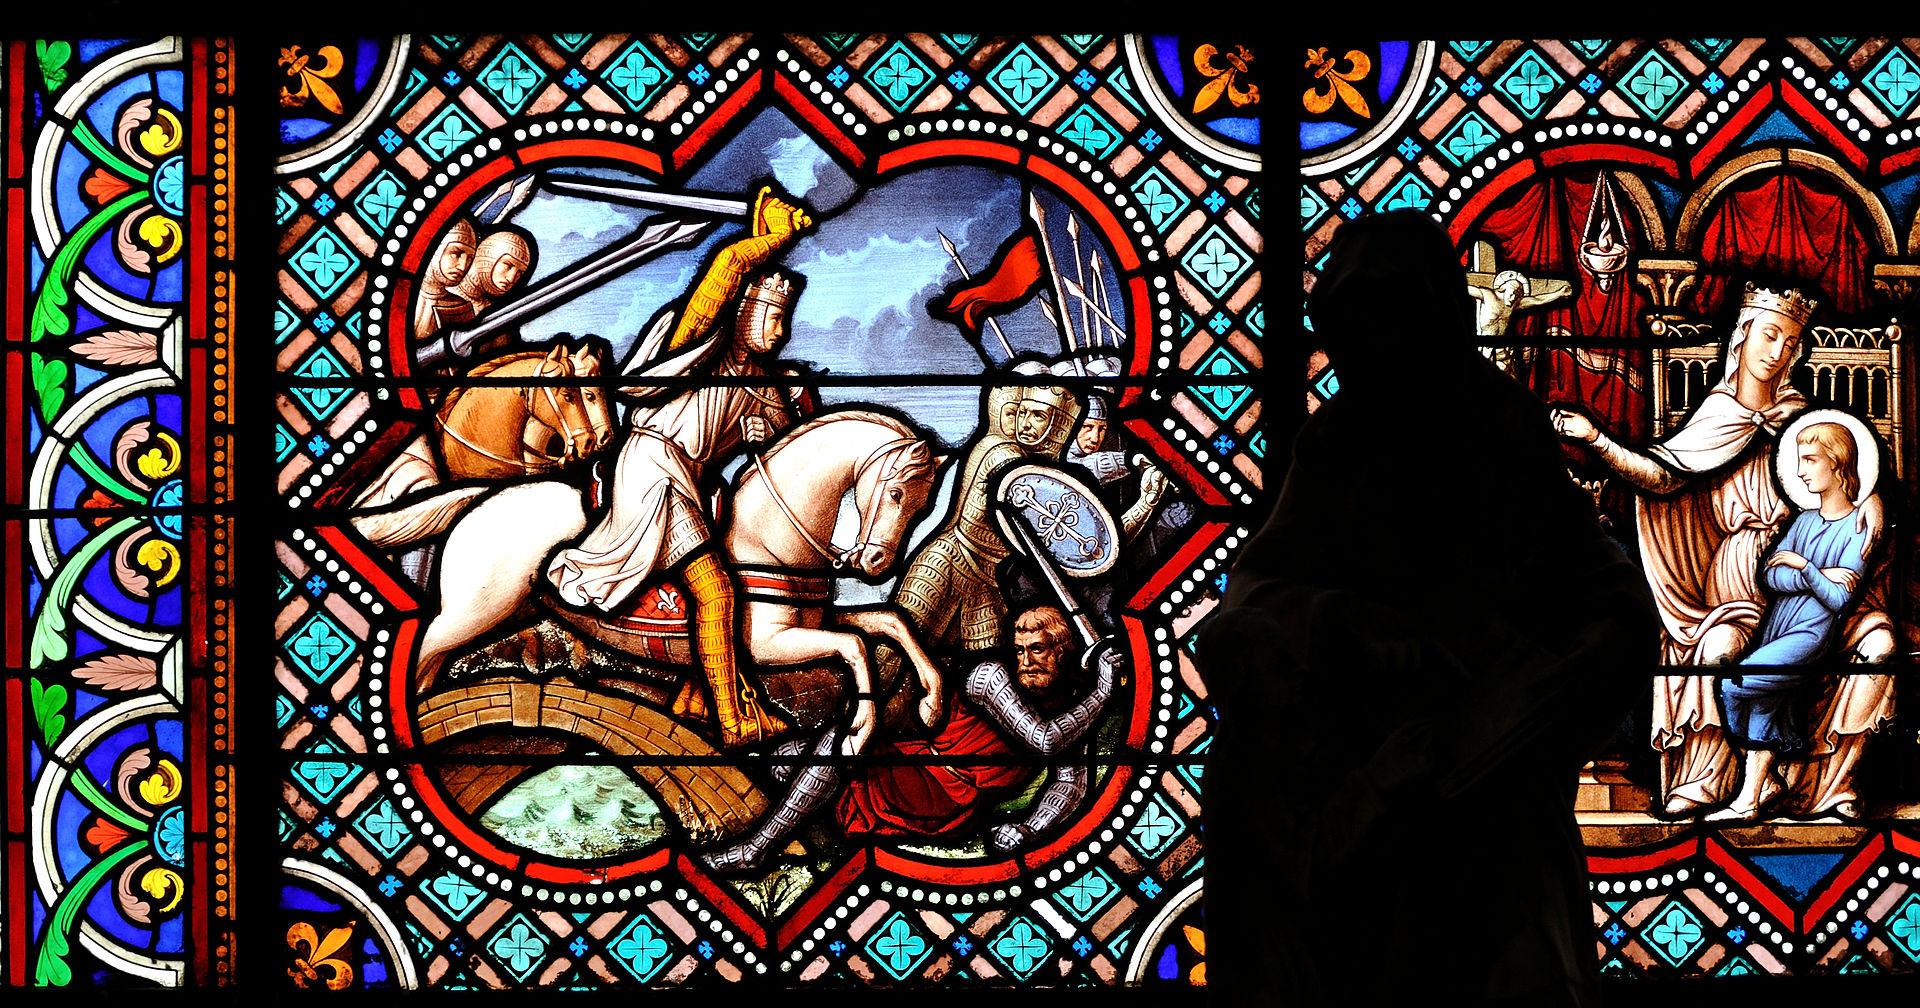 Détail du vitrail de la chapelle Saint-Louis, dans la cathédrale Notre-Dame de Senlis, réalisé en 1863 par Claudius Lavergne.  (définition réelle 3770×1980)